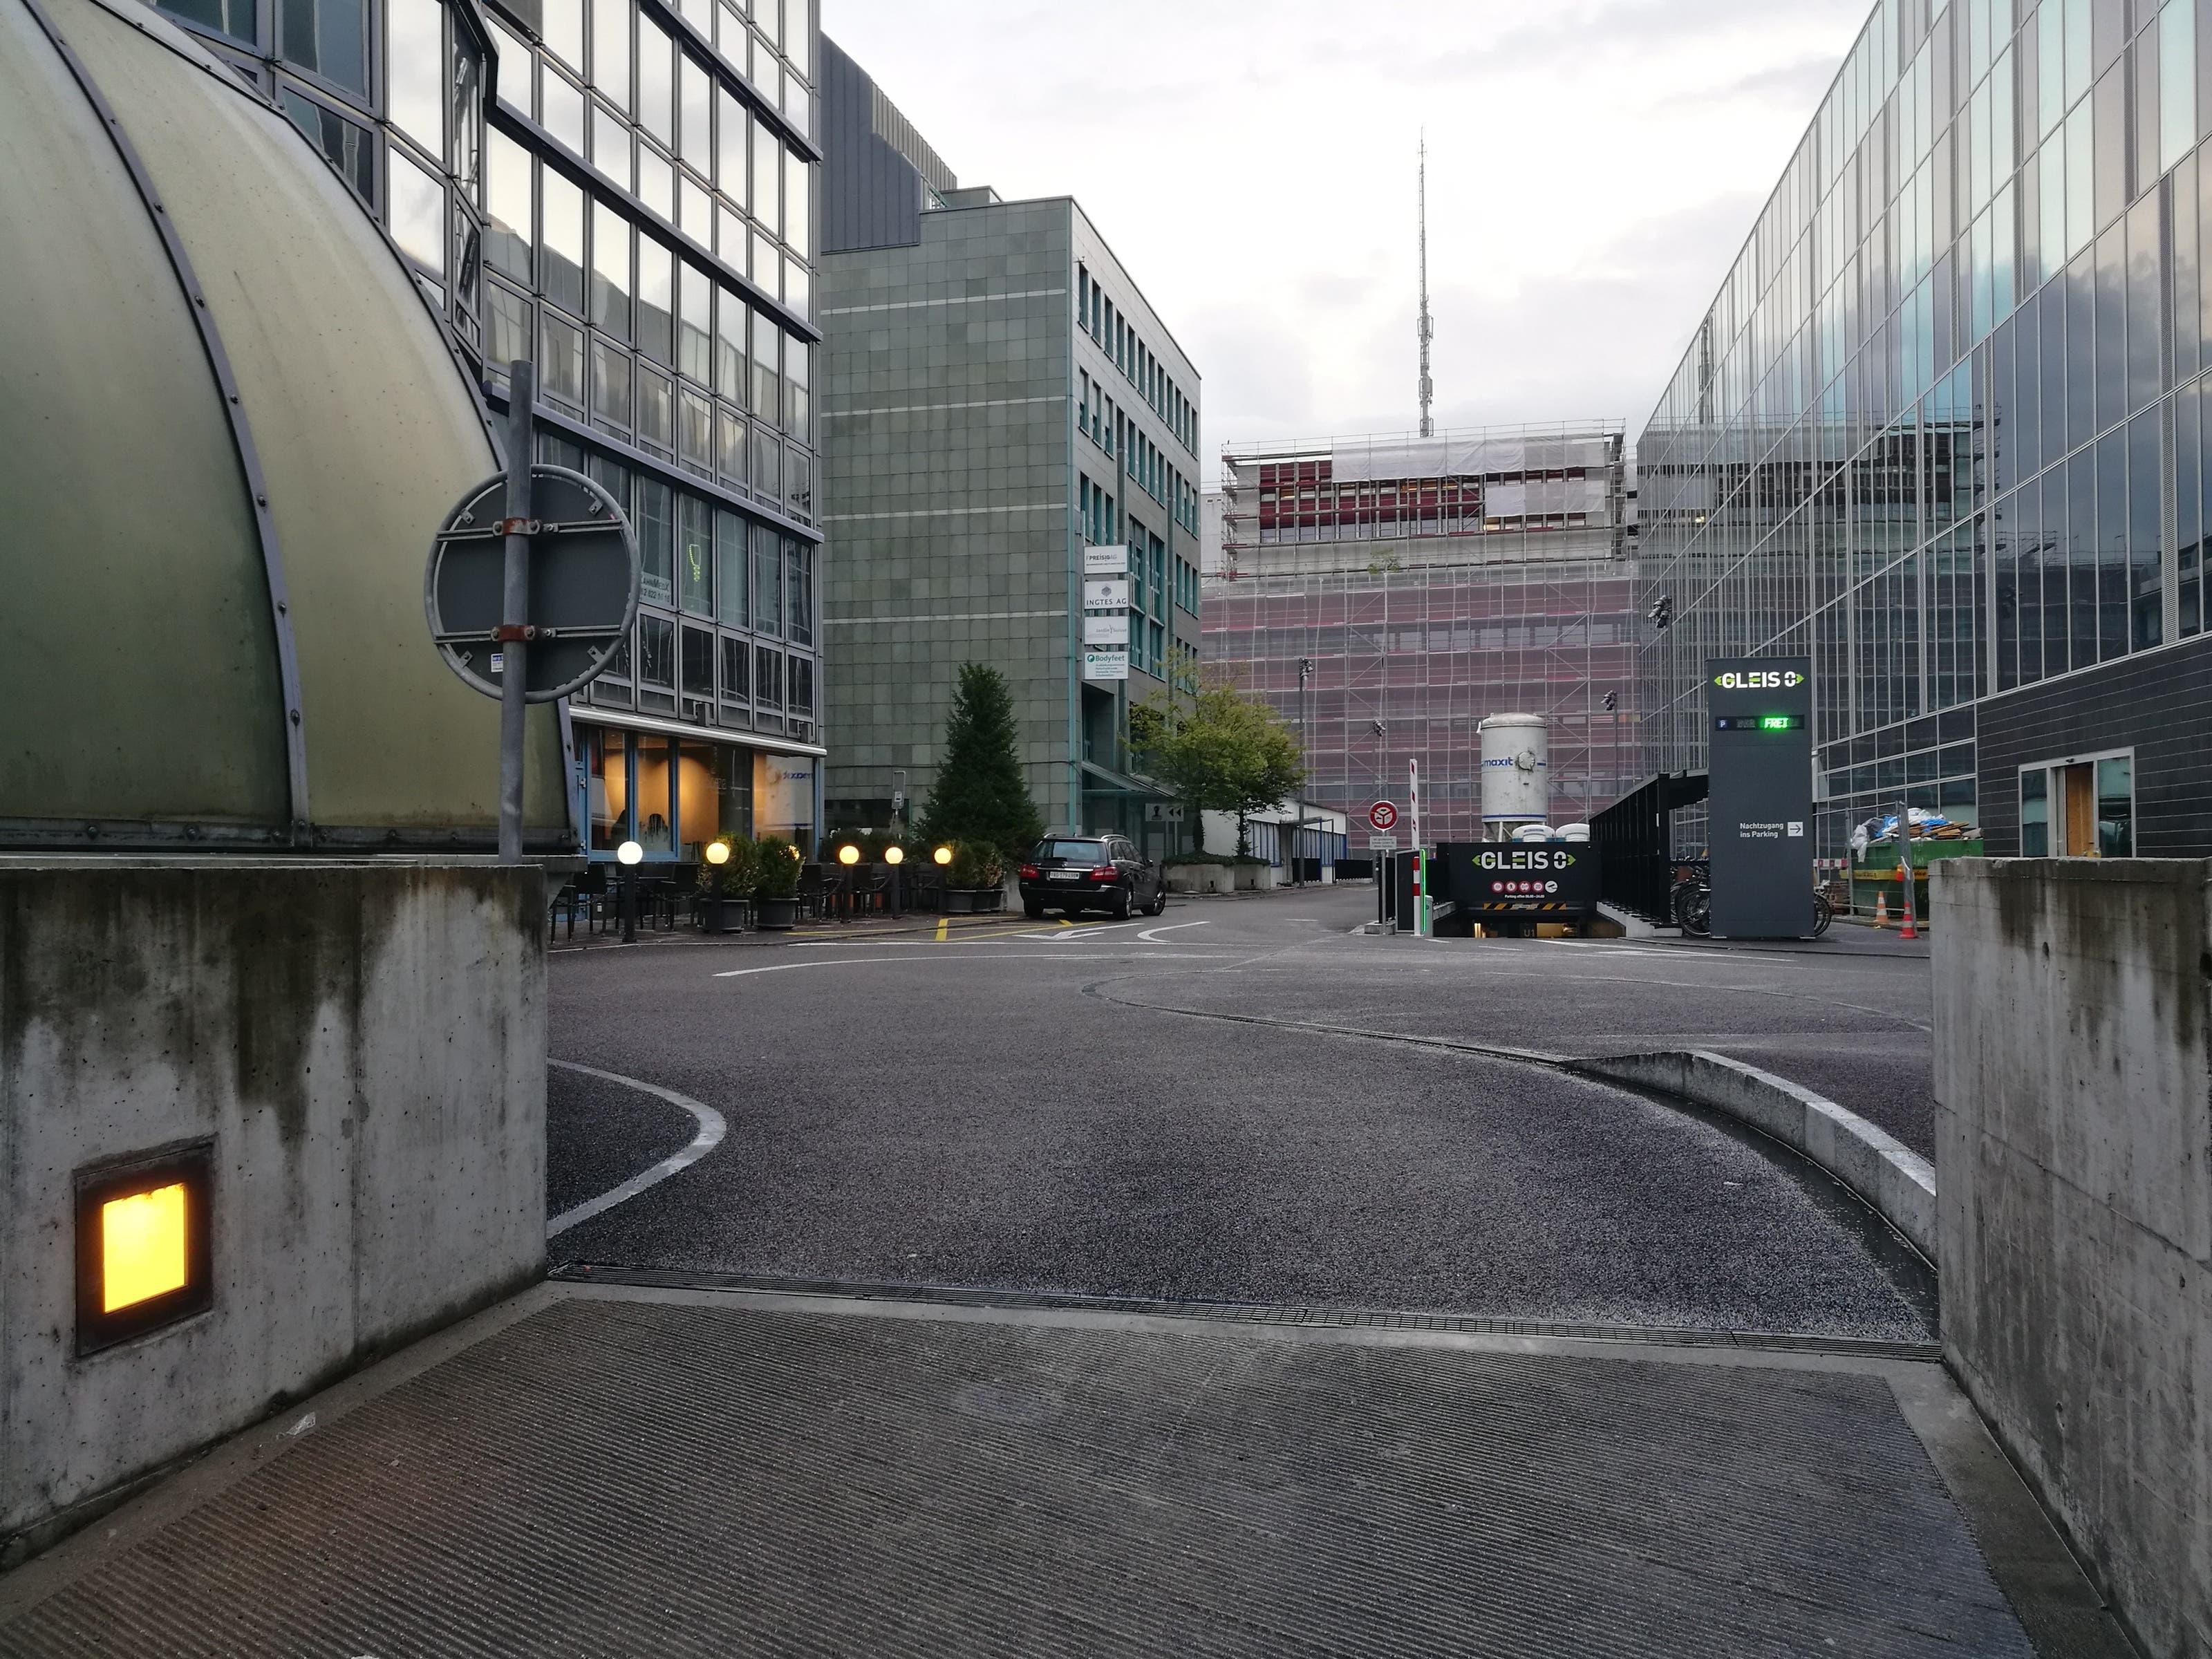 Blick aus der Perspektive der Lenker: Hier kommen sie aus dem Bahnhof-Parking.